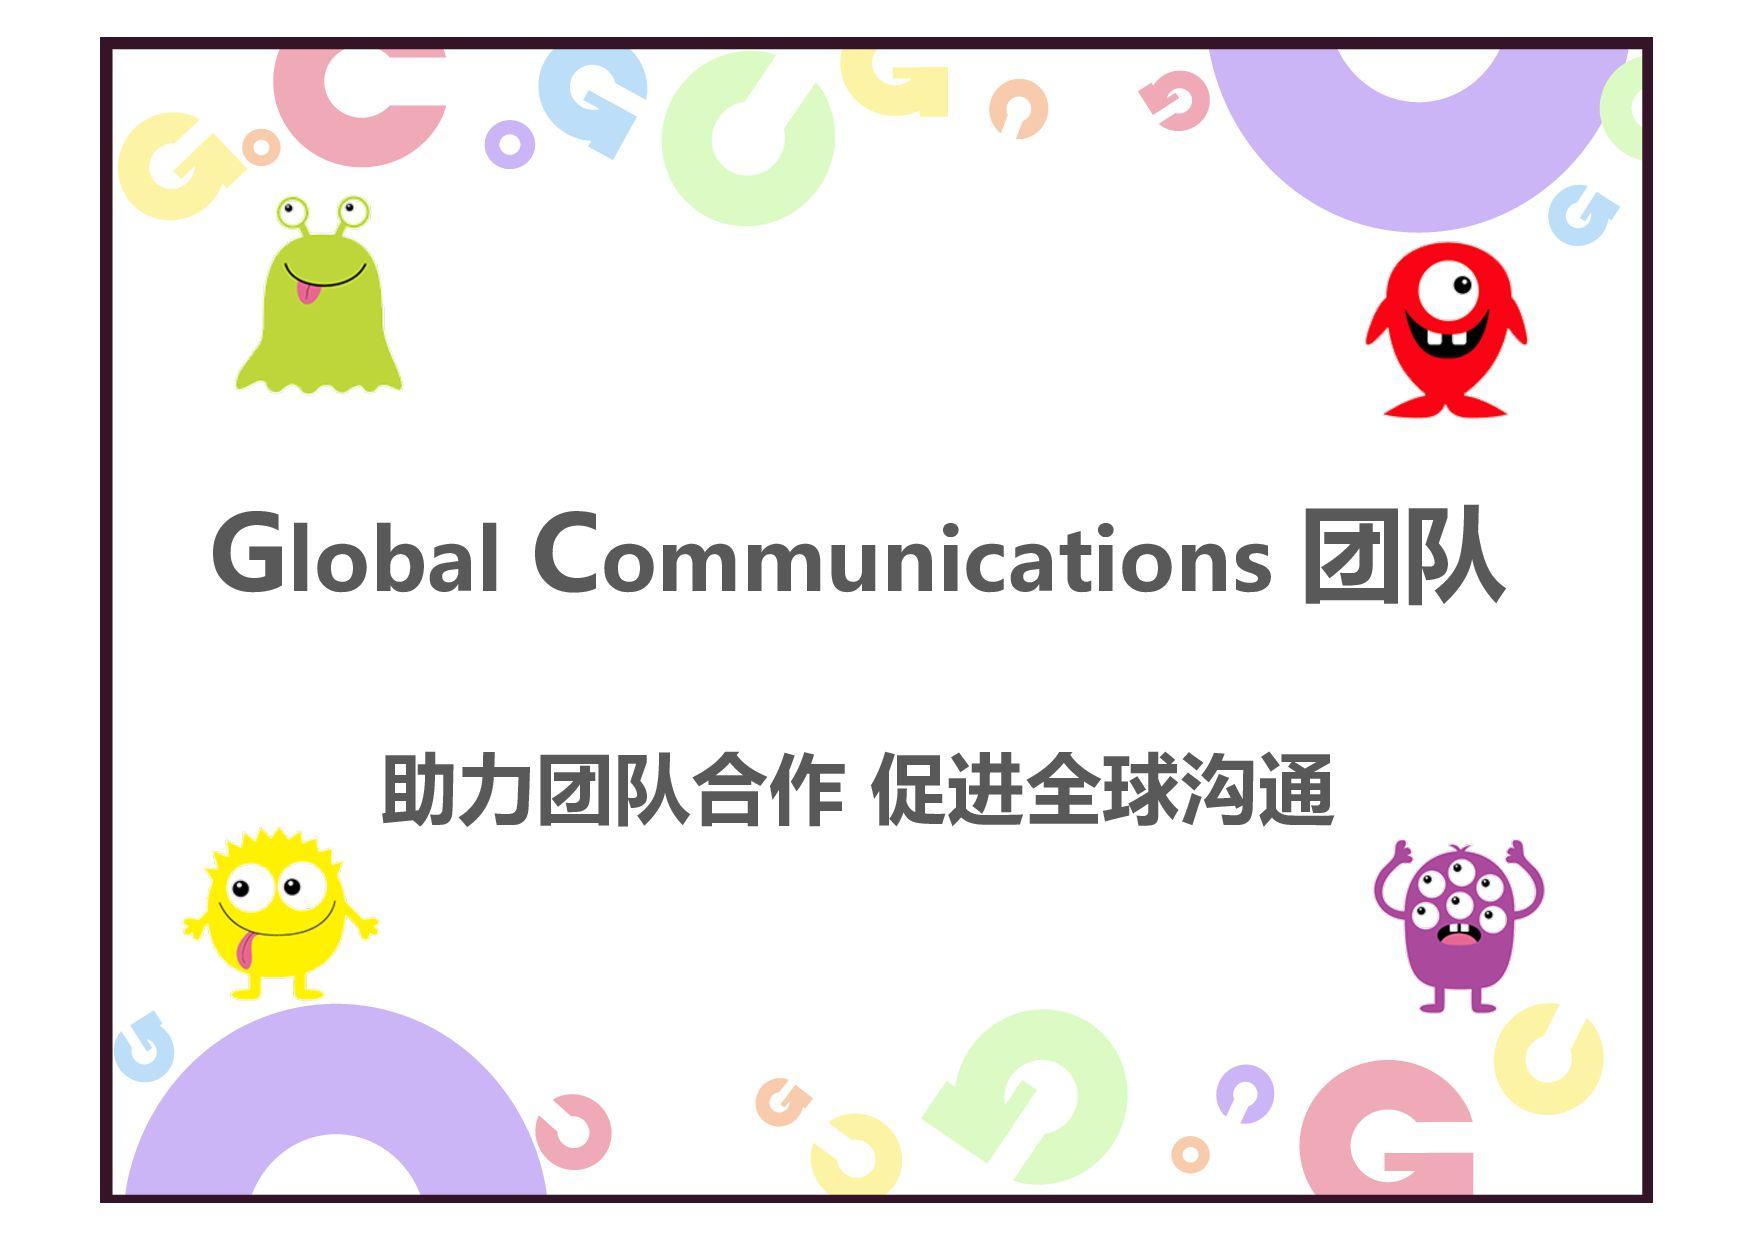 Global Communications 团队 助力团队合作 促进全球沟通